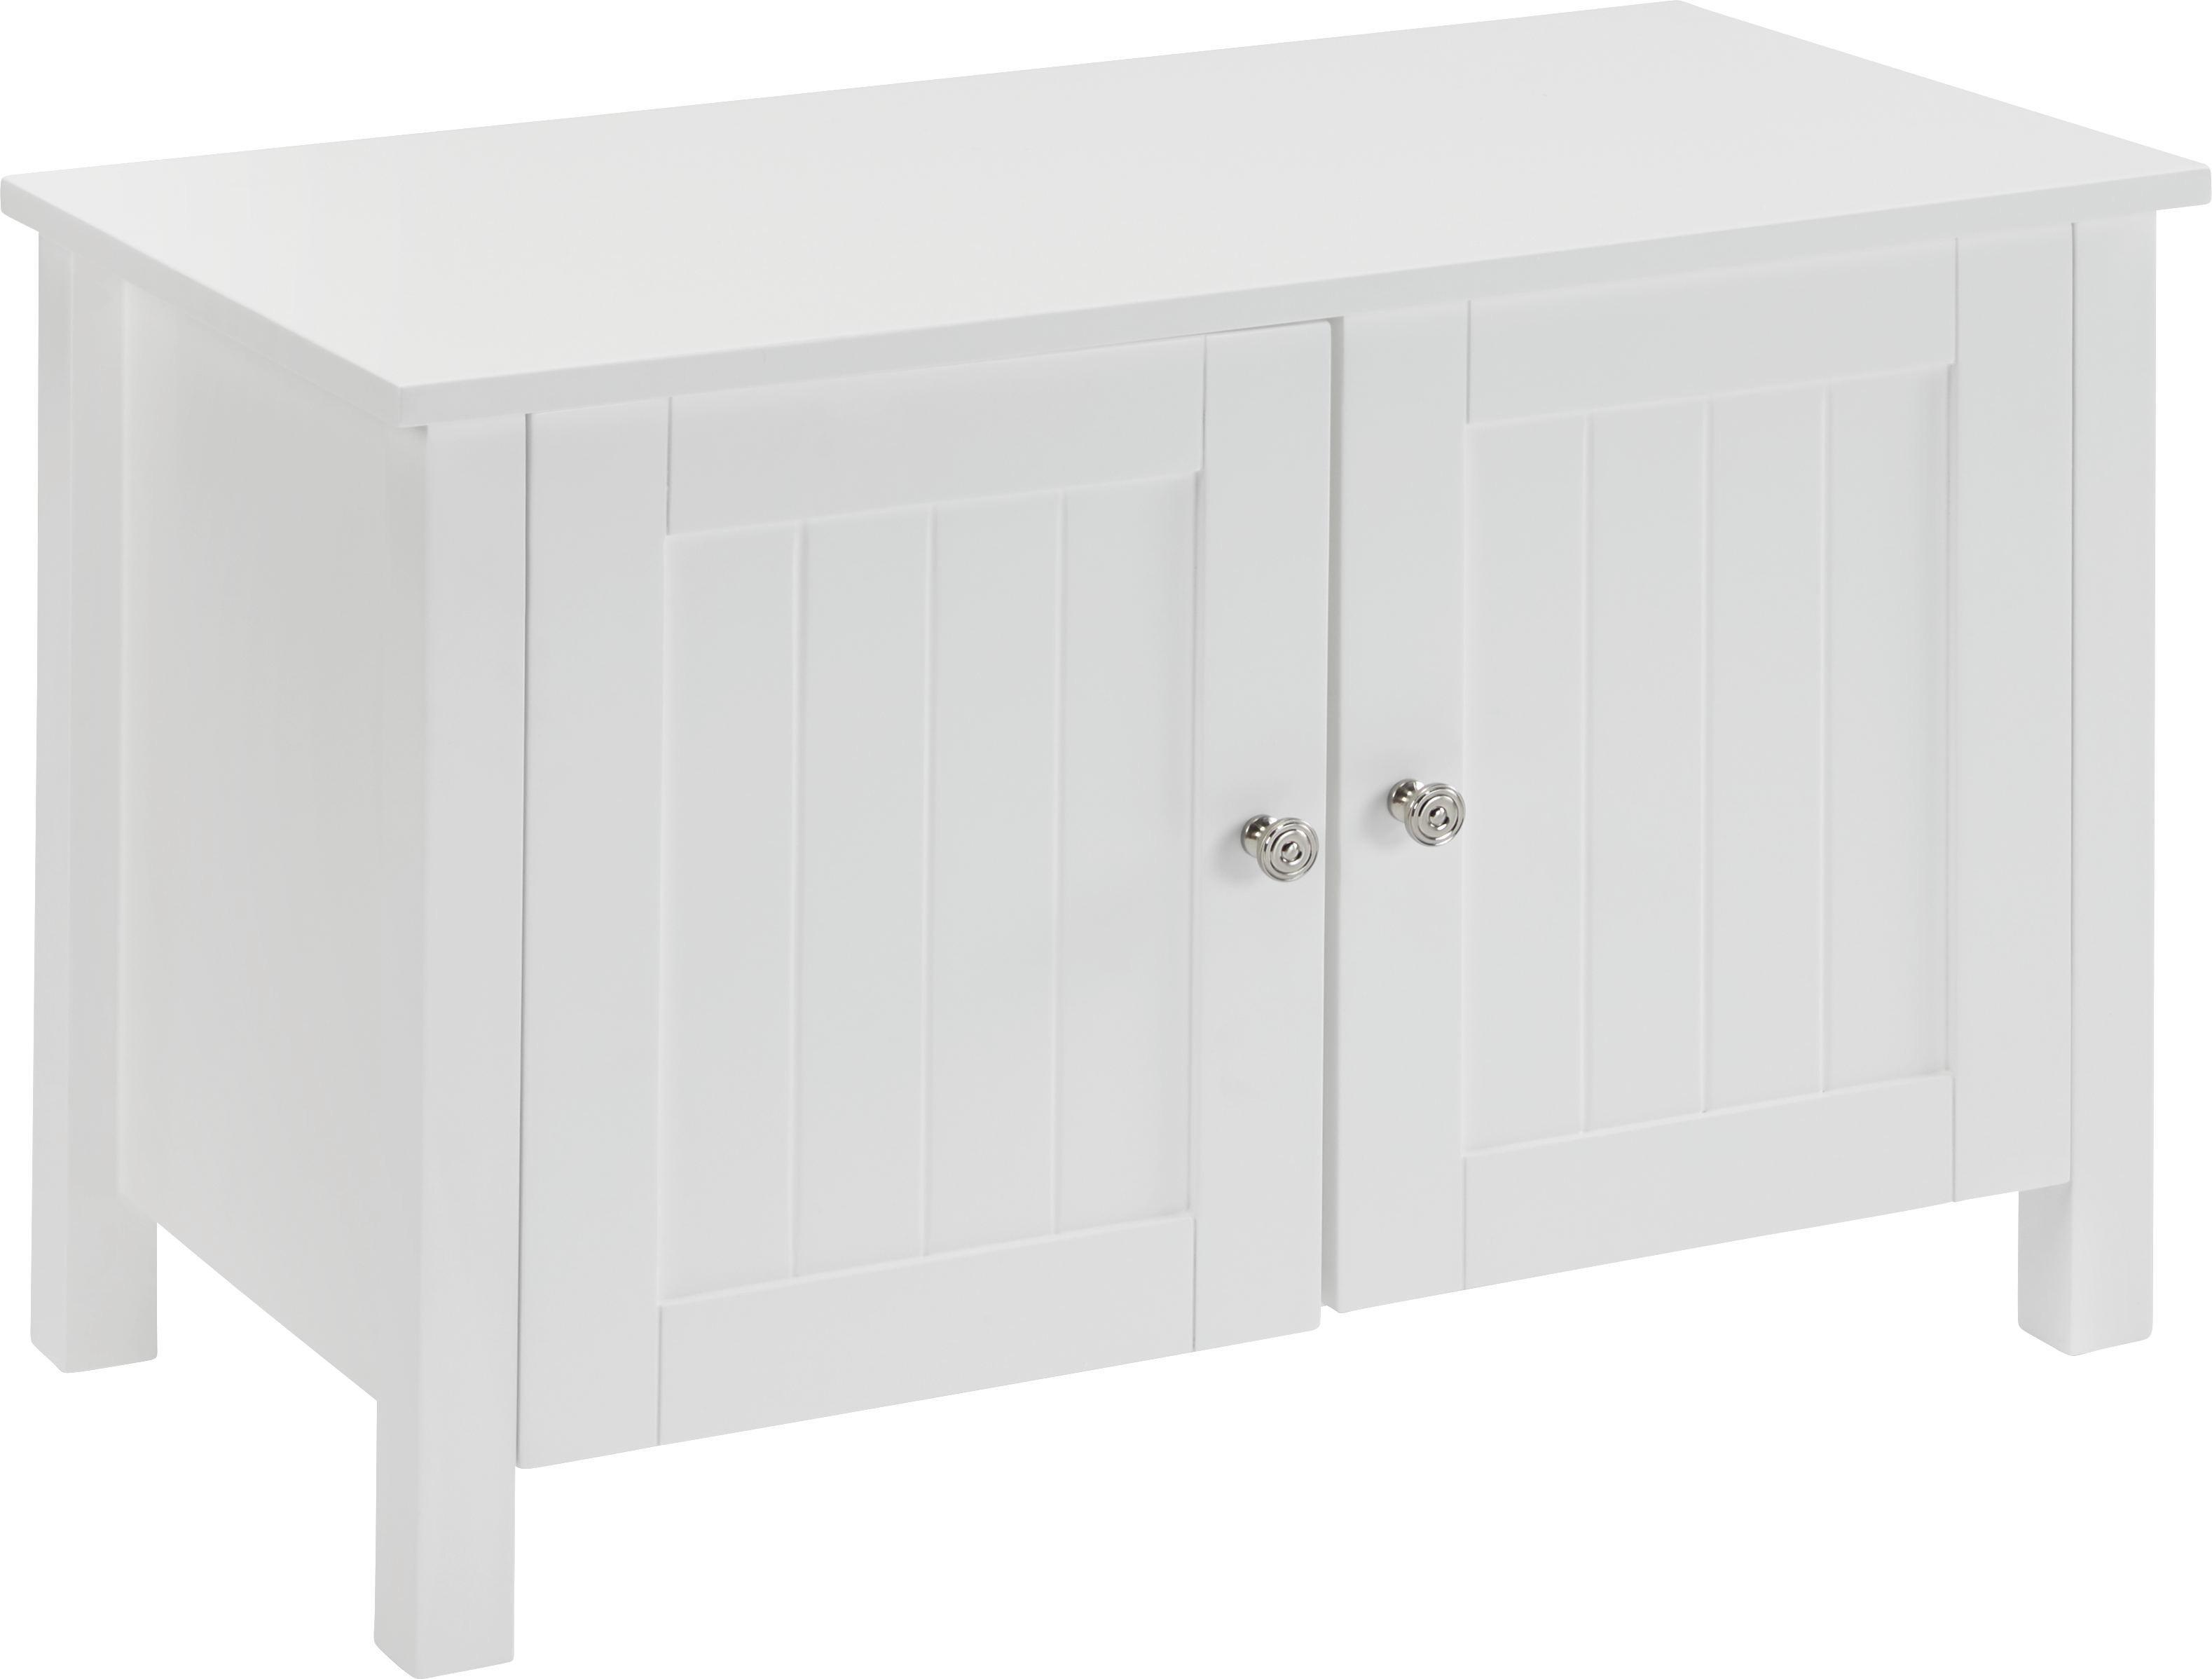 hngend best cheap ikea badezimmer ebenfalls kleines khles badezimmer hngend kuhles ikea. Black Bedroom Furniture Sets. Home Design Ideas